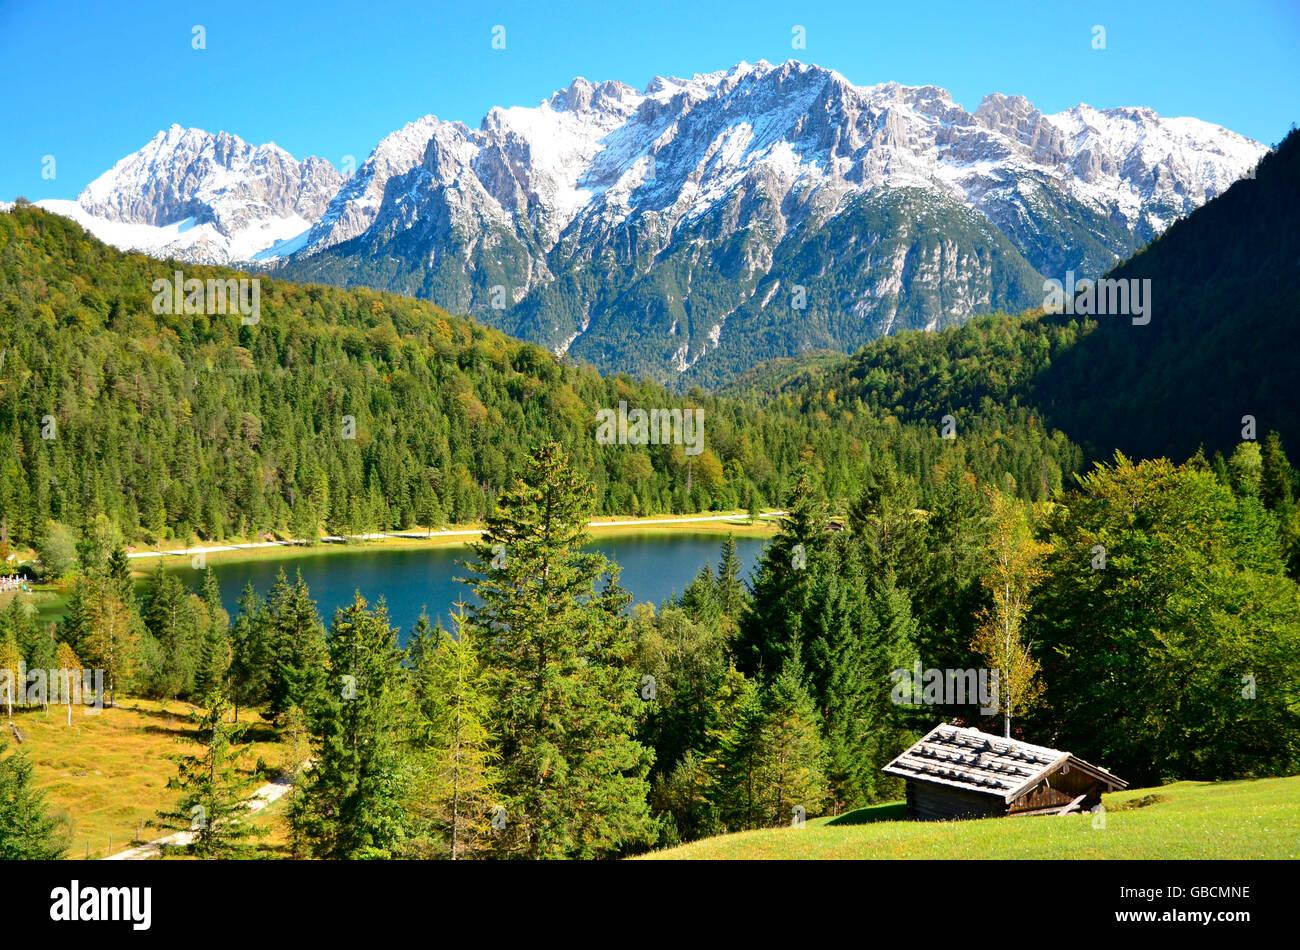 Bergsee, Karwendelgebirge, Ferchensee, Isartal, Oberbayern, Deutschland Stock Photo